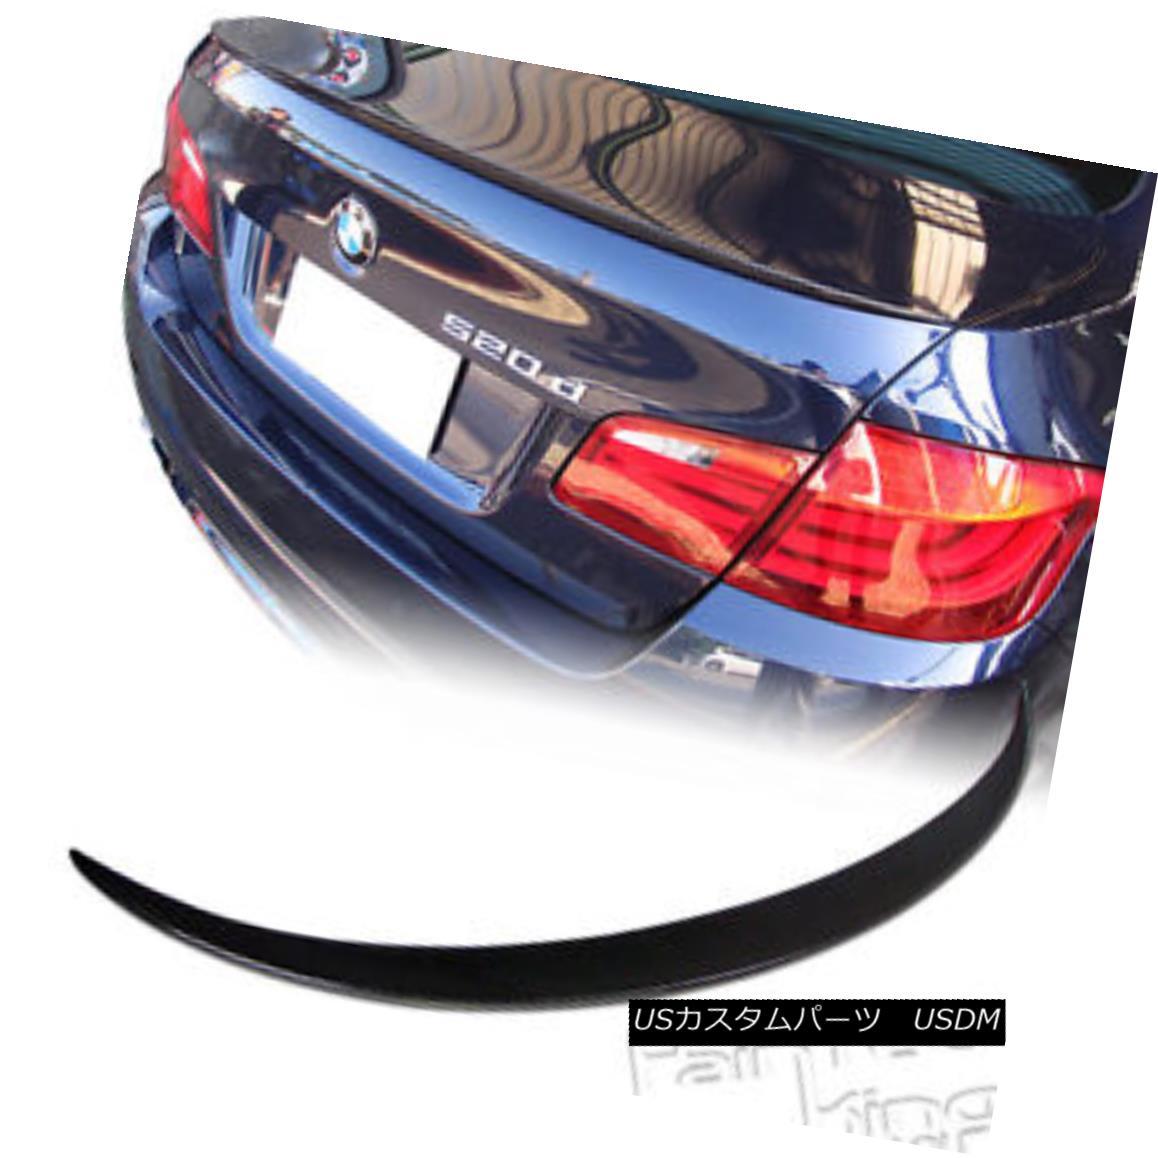 エアロパーツ SHIP FROM LA- M5 Type Carbon Fiber For BMW F10 5-Ser Sedan Trunk Spoiler Wing BMW F10 5シリーズセダントランクスポイラーウイング用LA-M5タイプカーボンファイバー製